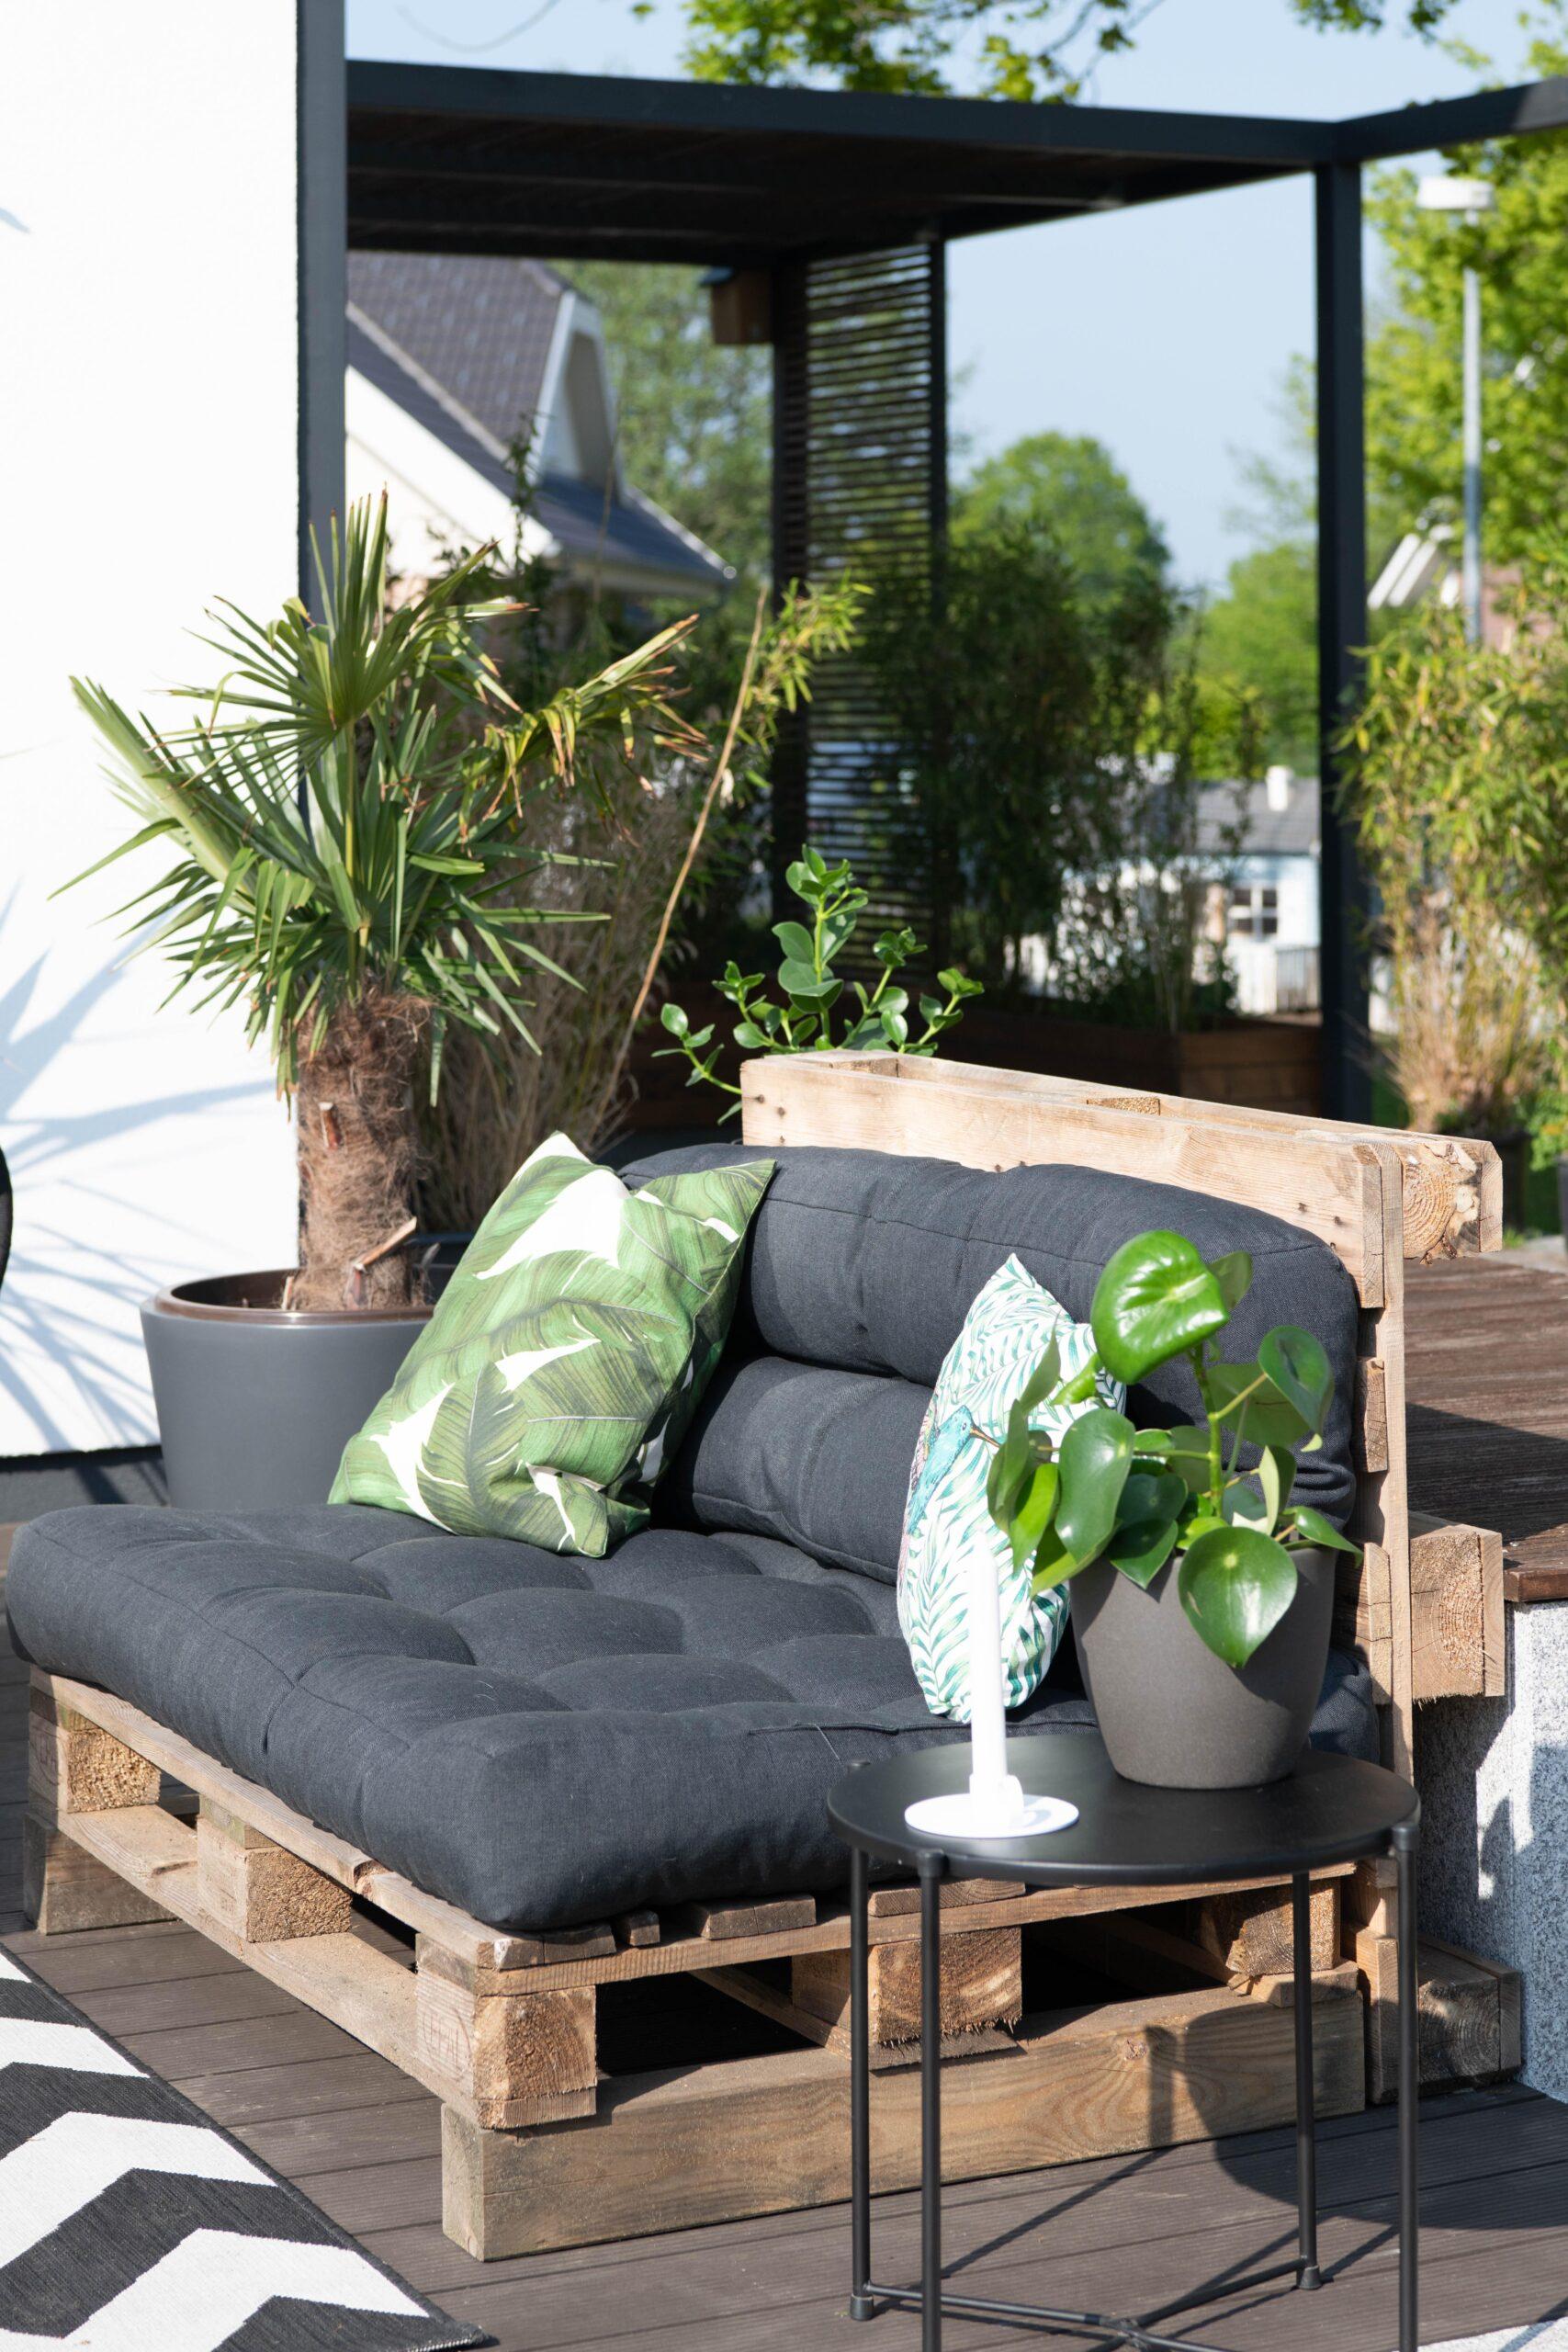 Full Size of Couch Terrasse Palettensofa Bilder Ideen Wohnzimmer Couch Terrasse